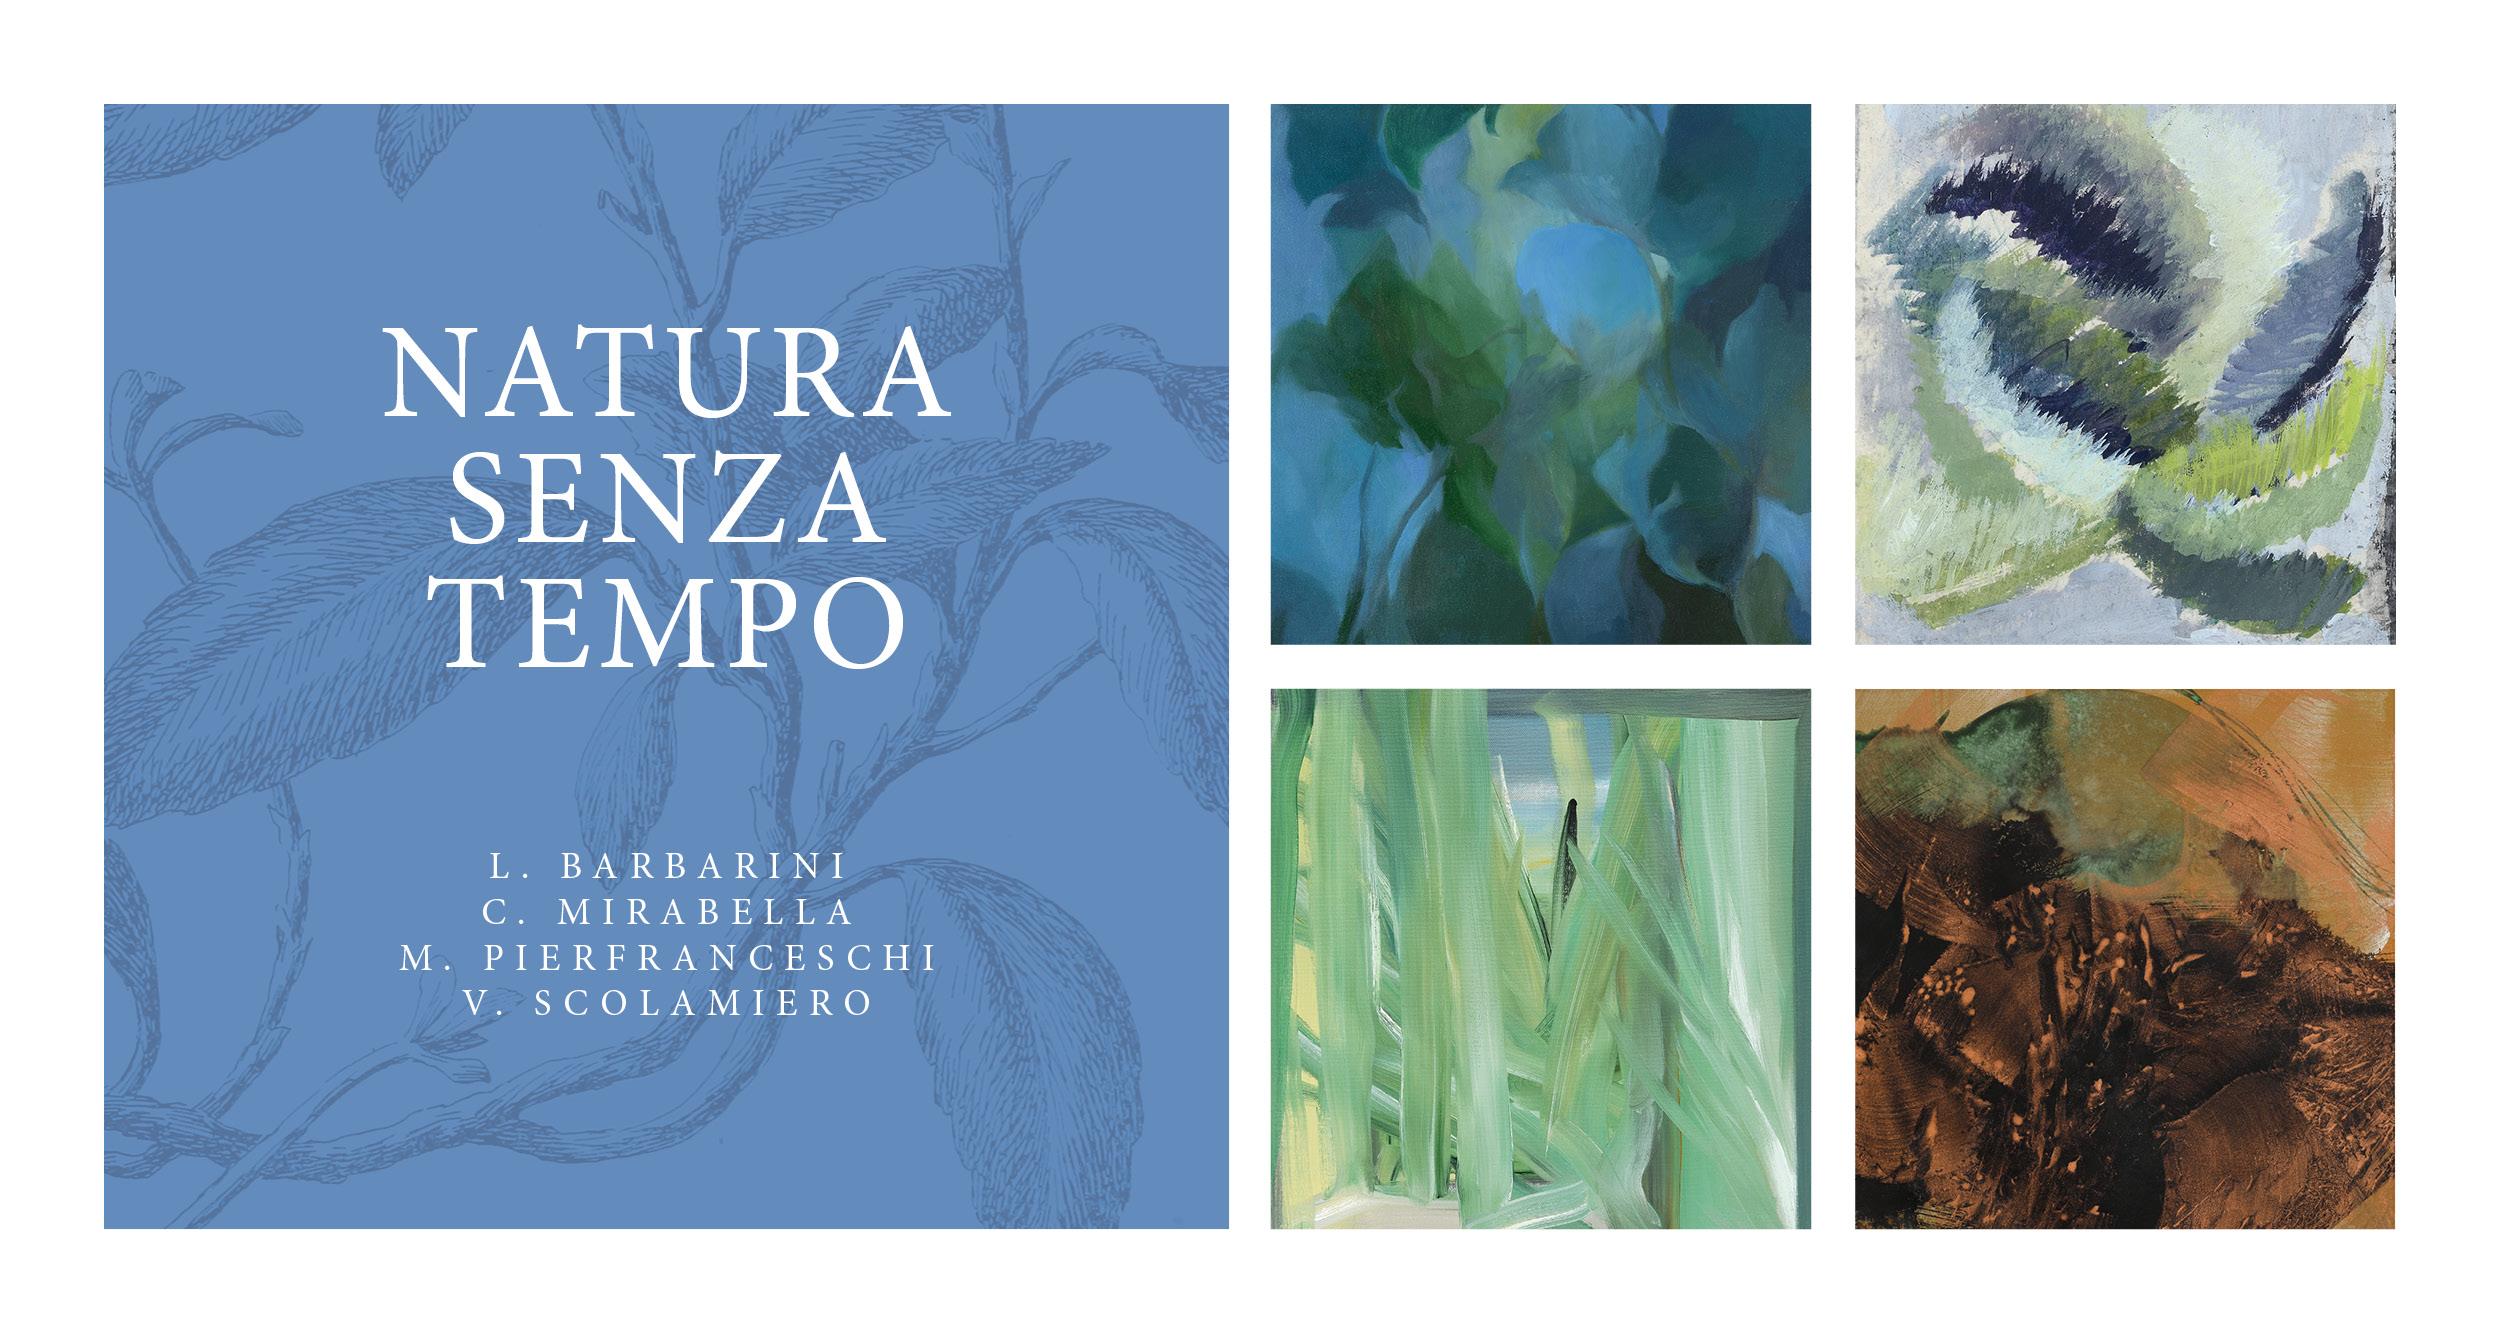 Natura Senza Tempo - Mostra - Spazio Arti Floreali